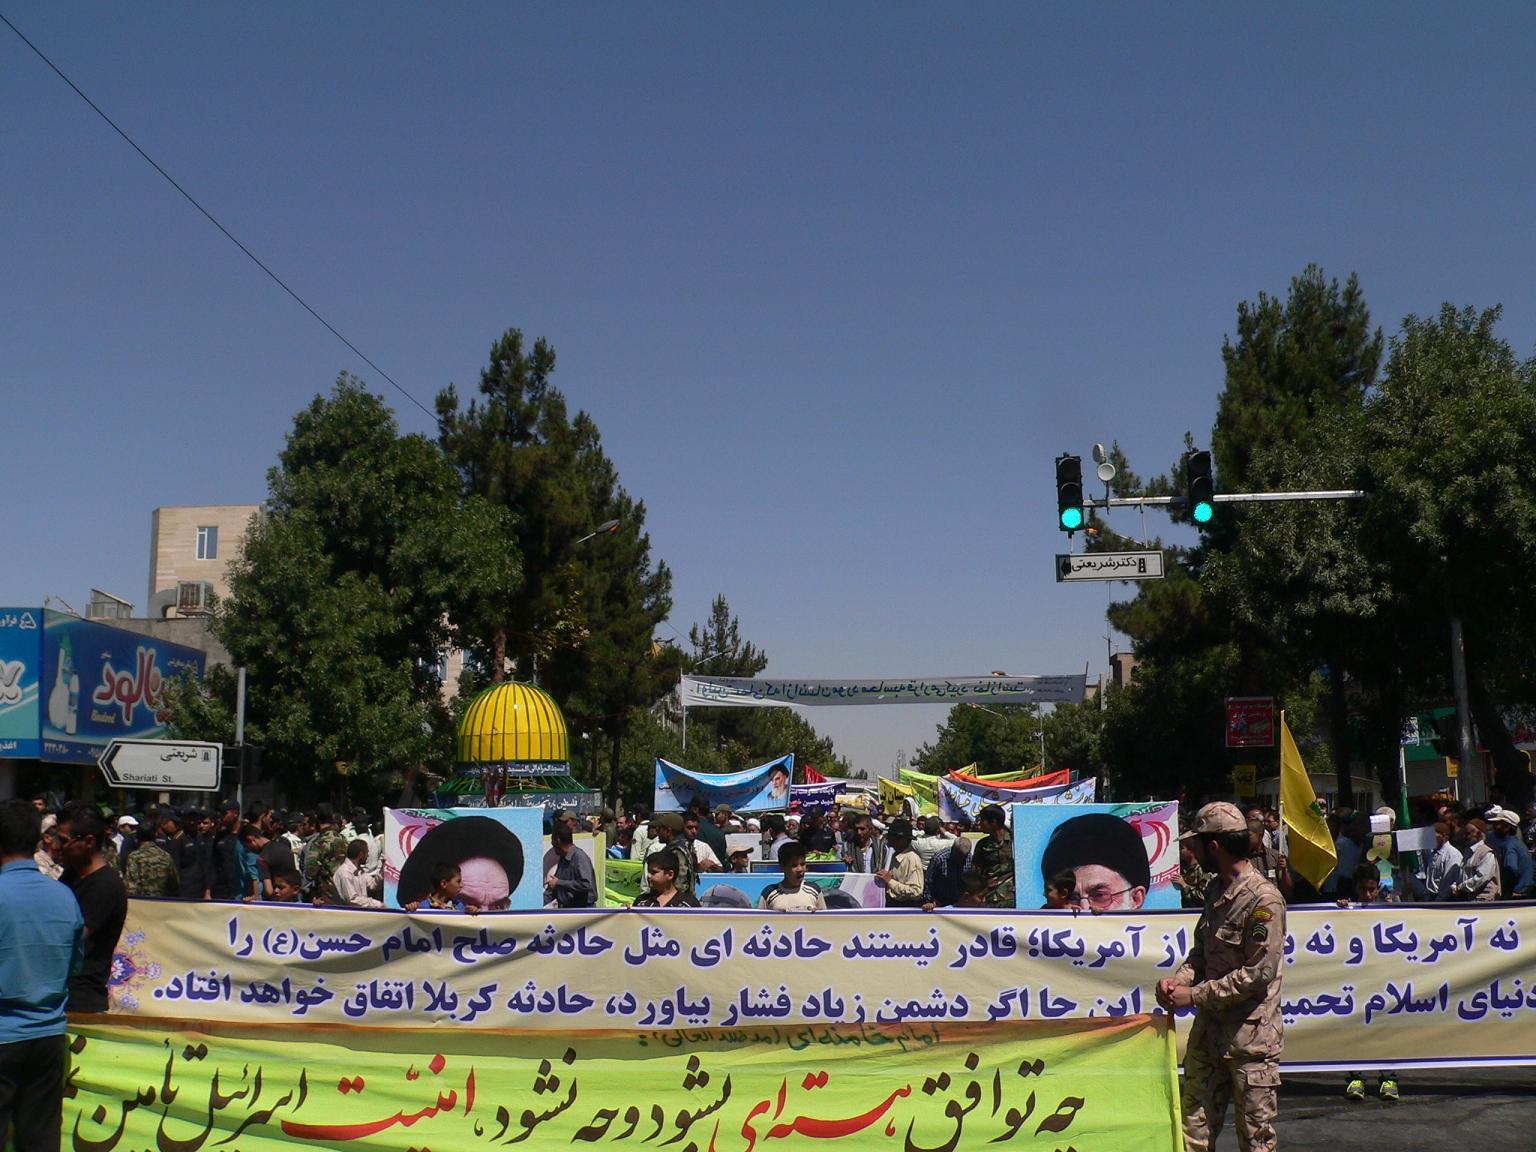 گزارش تصویری از روز قدس در نیشابور / مردم نیشابور به صحنه آمدند